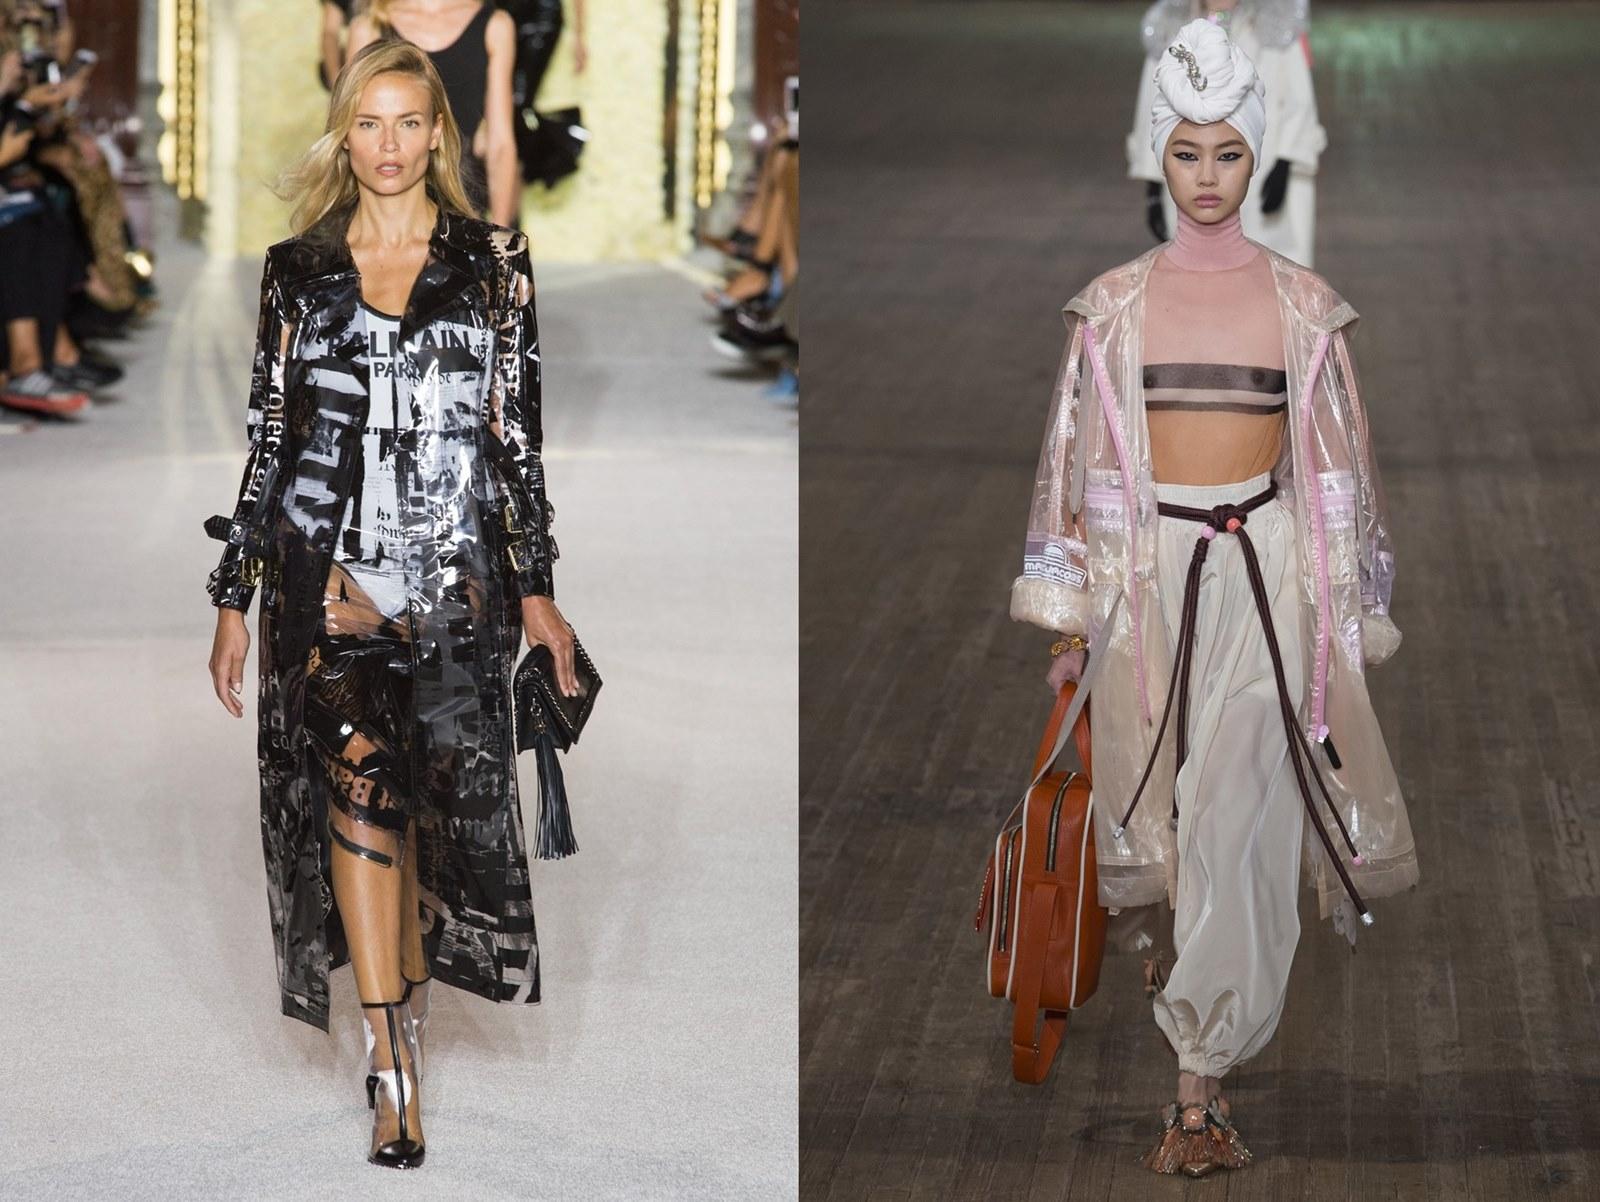 Trendy wiosna/lato 2018. Co modnego będzie na wiosnę/lato 2018? Cekiny, plastik, plastikowe ubrania, siatka, jeans, frędzle